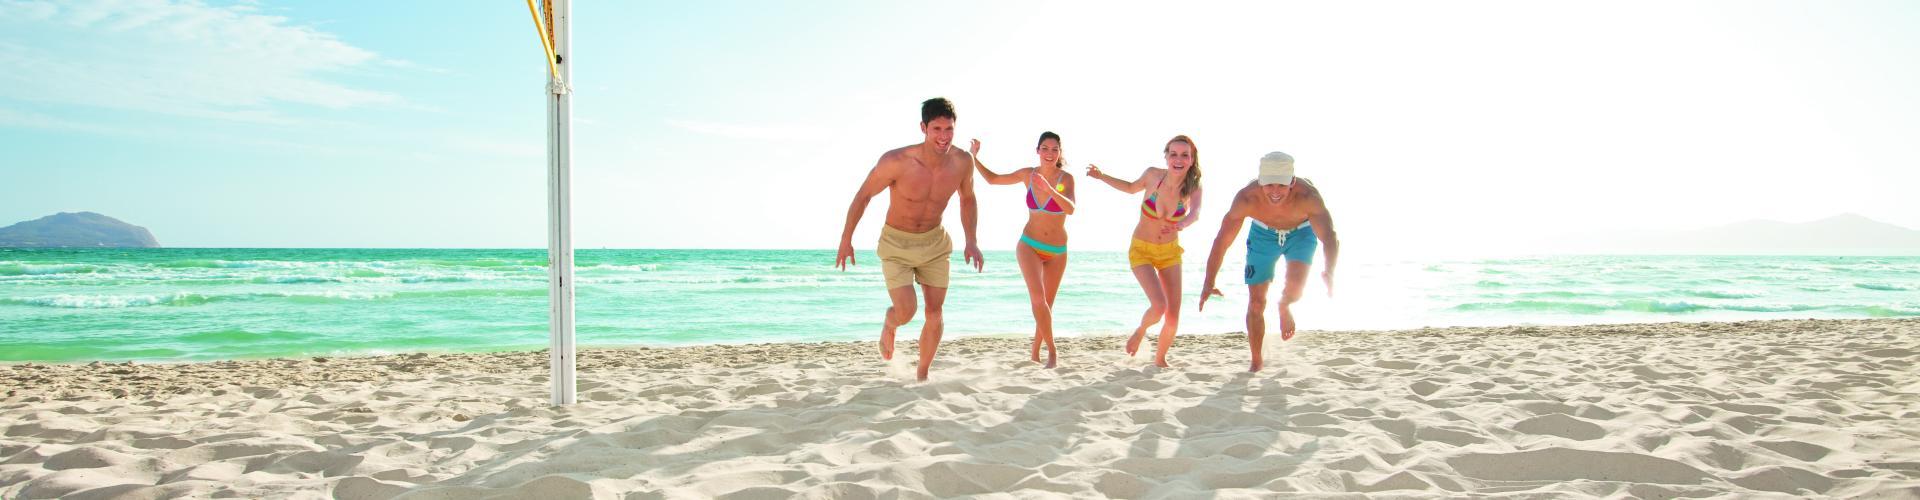 Strandurlaub mit Sport